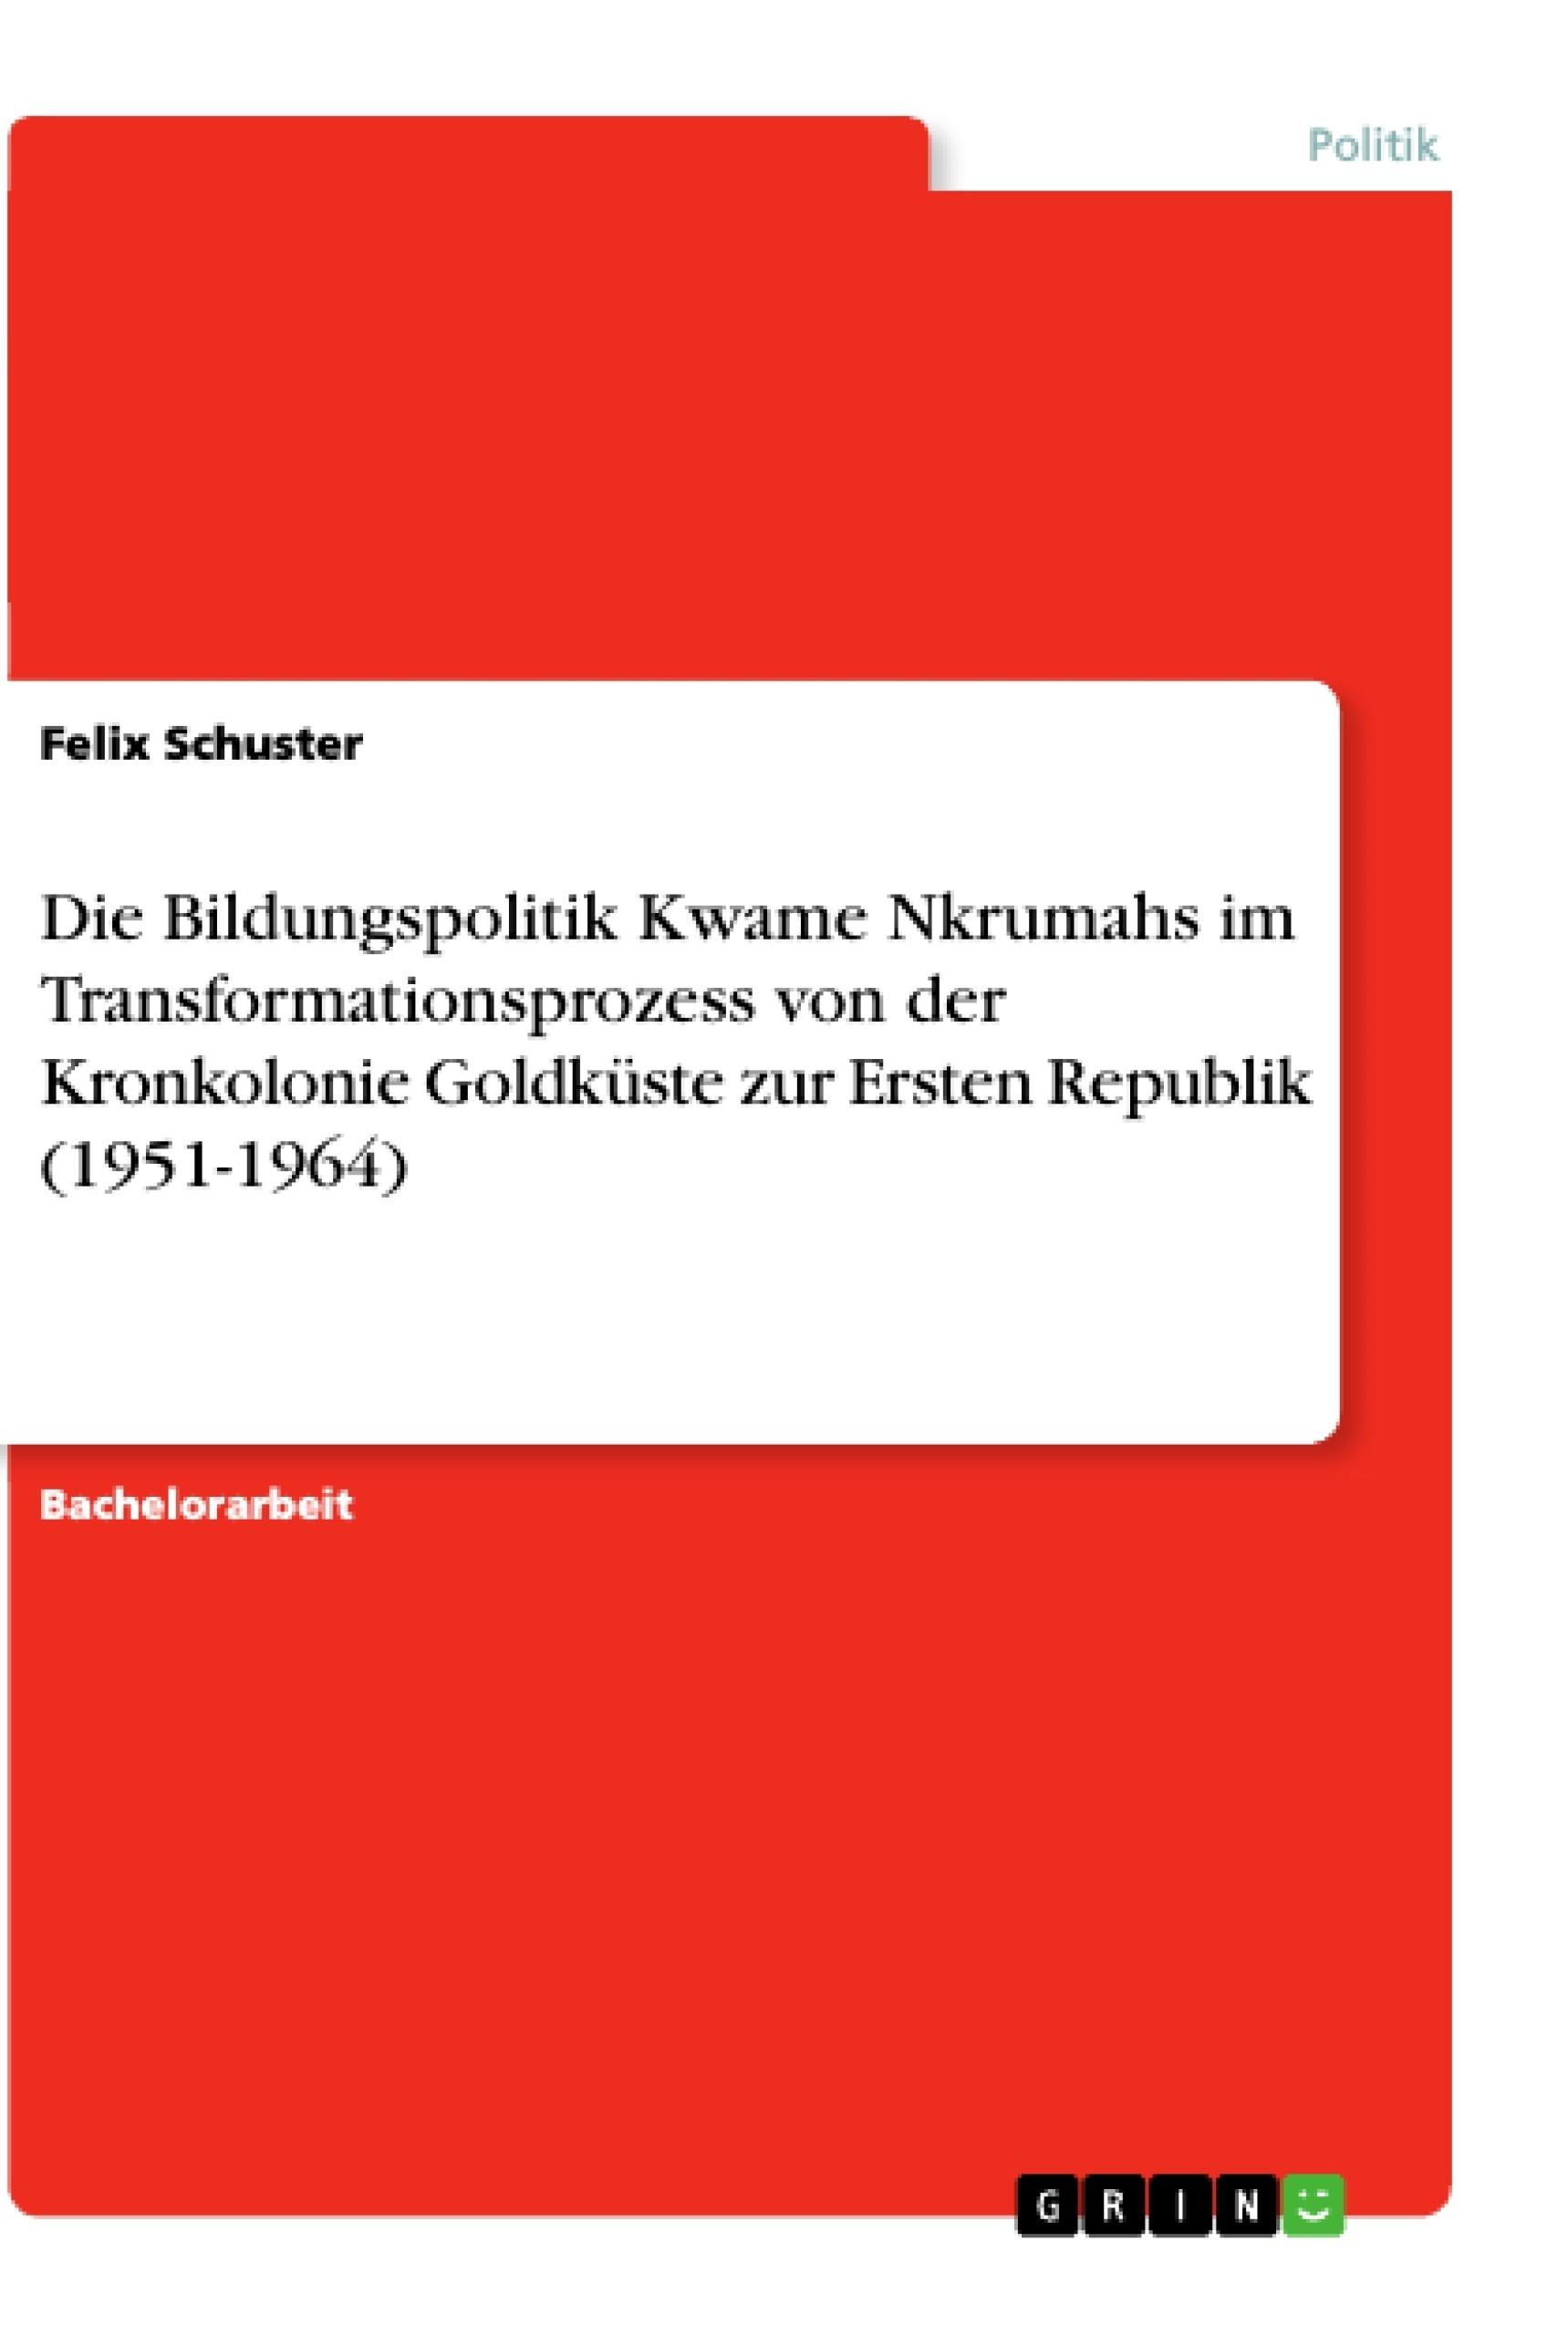 Titel: Die Bildungspolitik Kwame Nkrumahs im Transformationsprozess von der Kronkolonie Goldküste zur Ersten Republik (1951-1964)